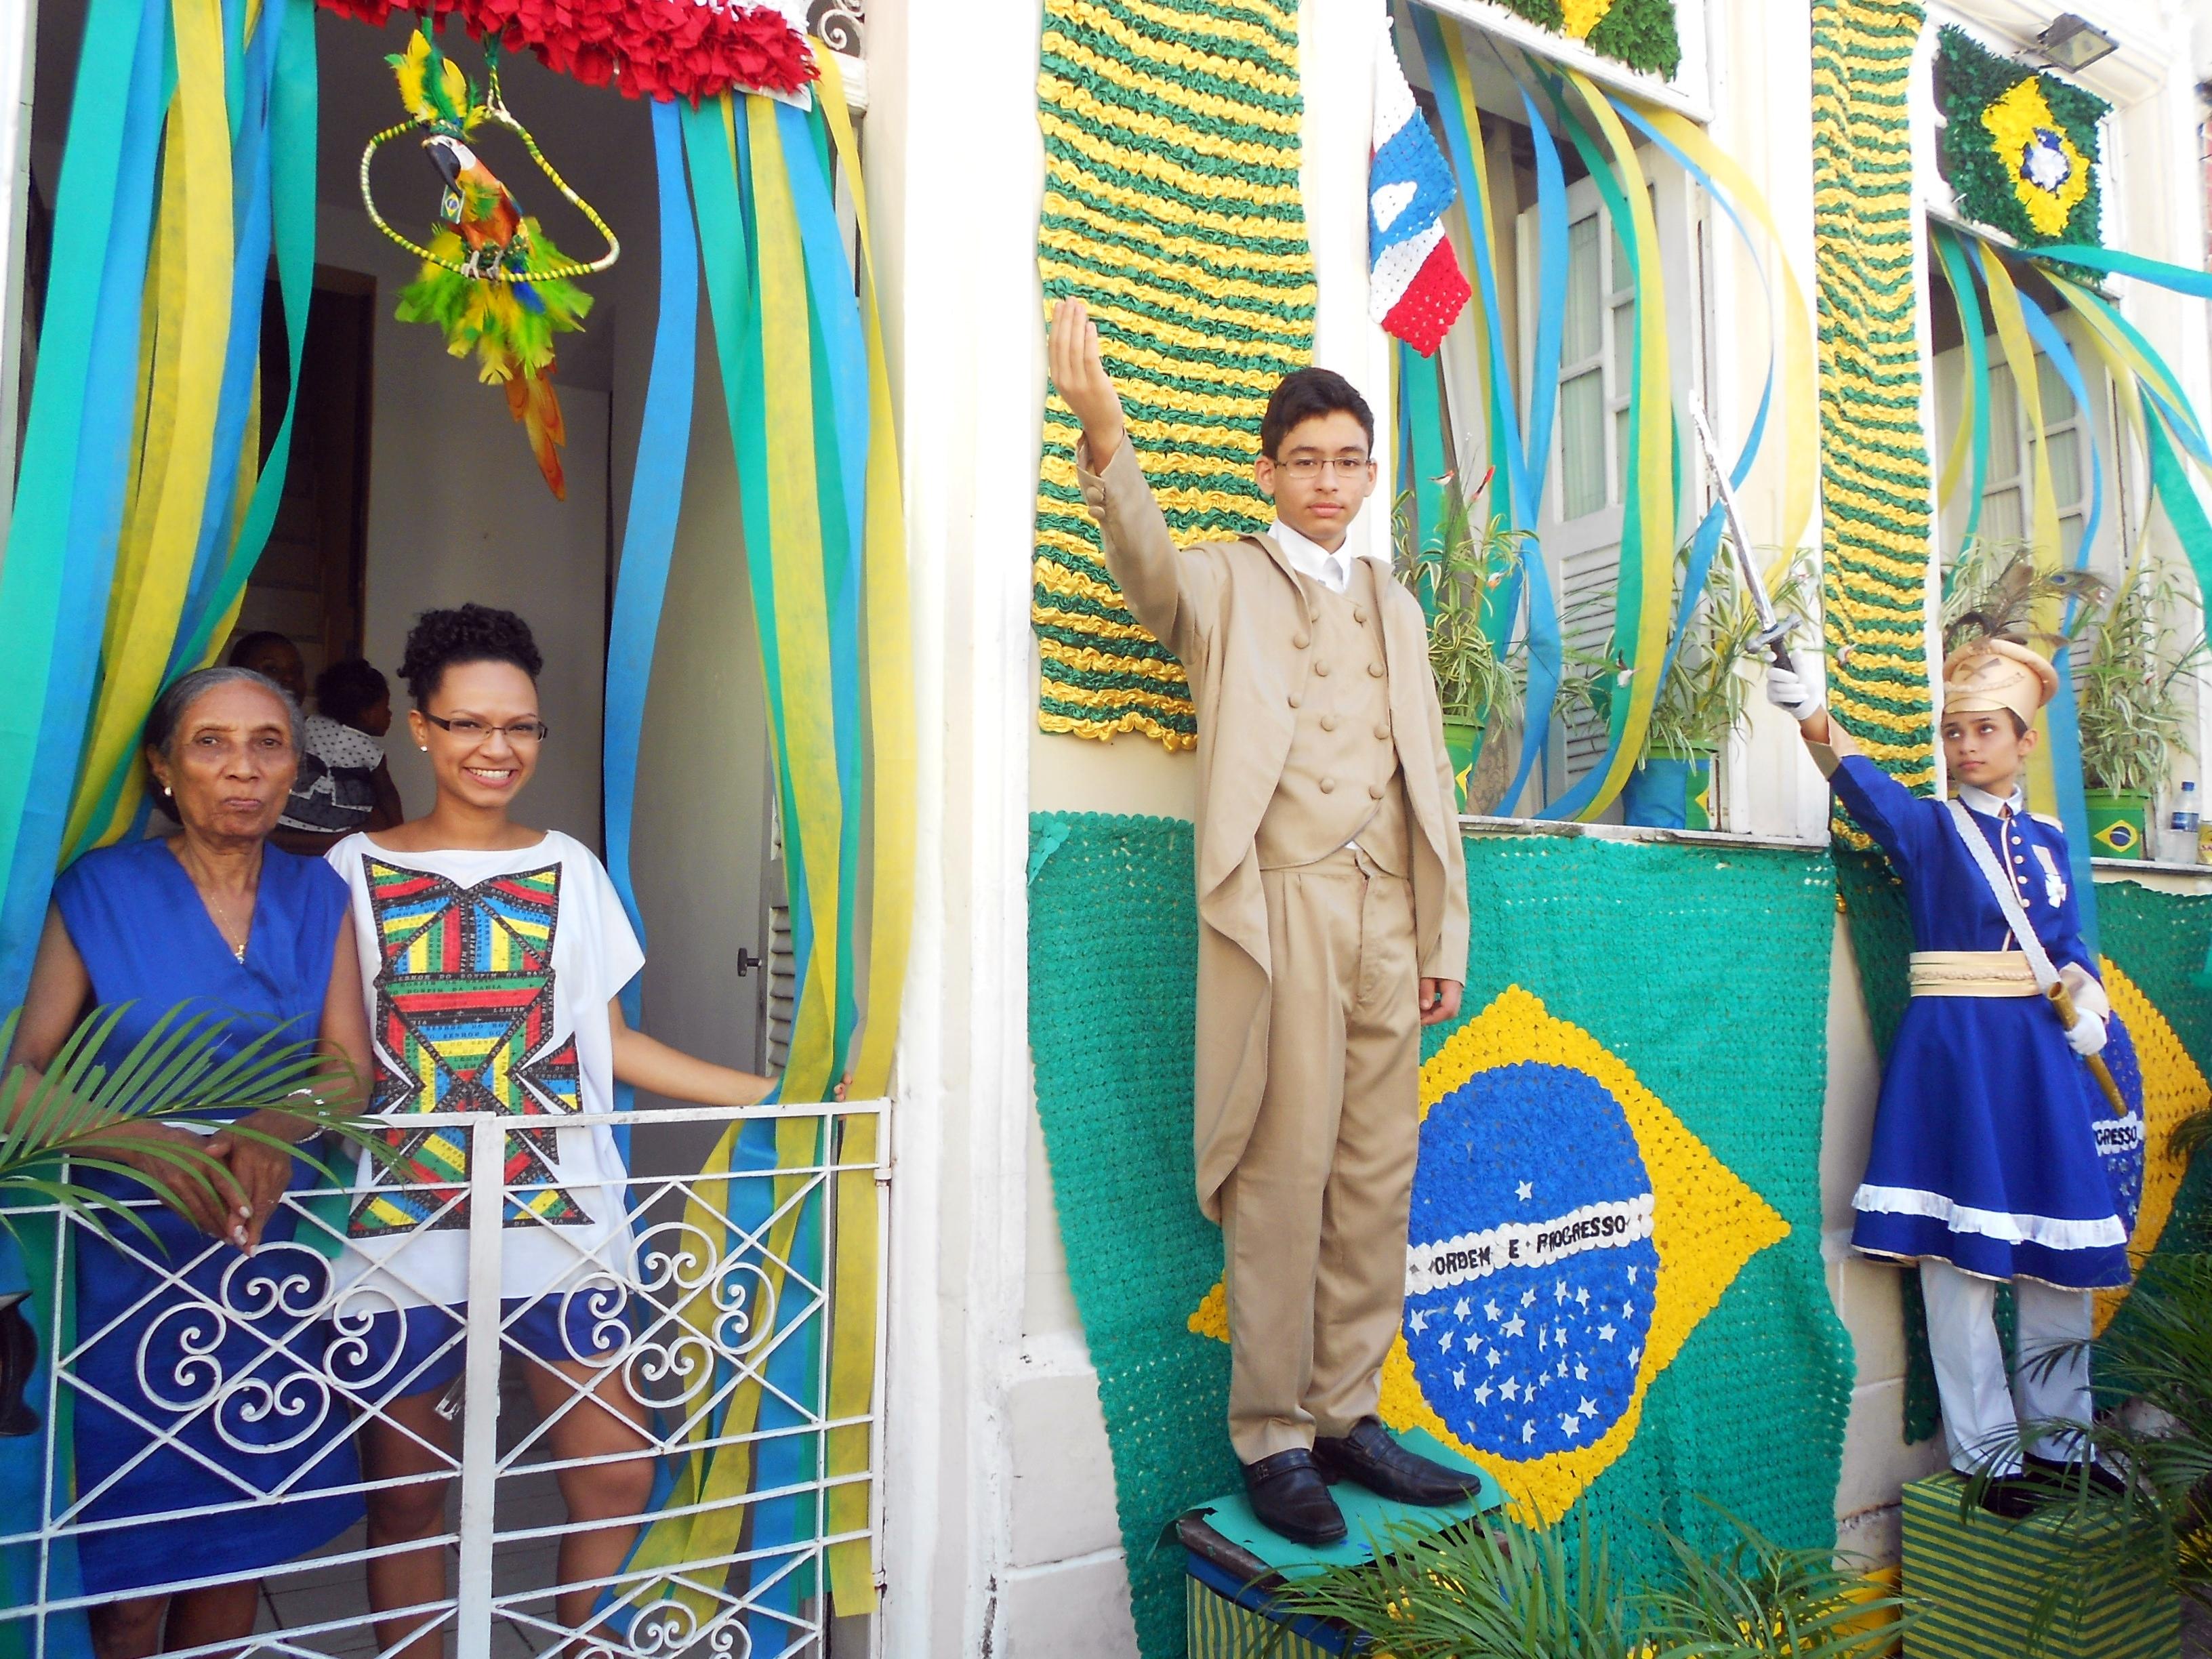 D. Maria de São Pedro e sua filha Nea Santttana exibem orgulhosas sua fachada decorada com as cores da Bahia e do Brasil - Foto: Joseanne Guedes/ABI